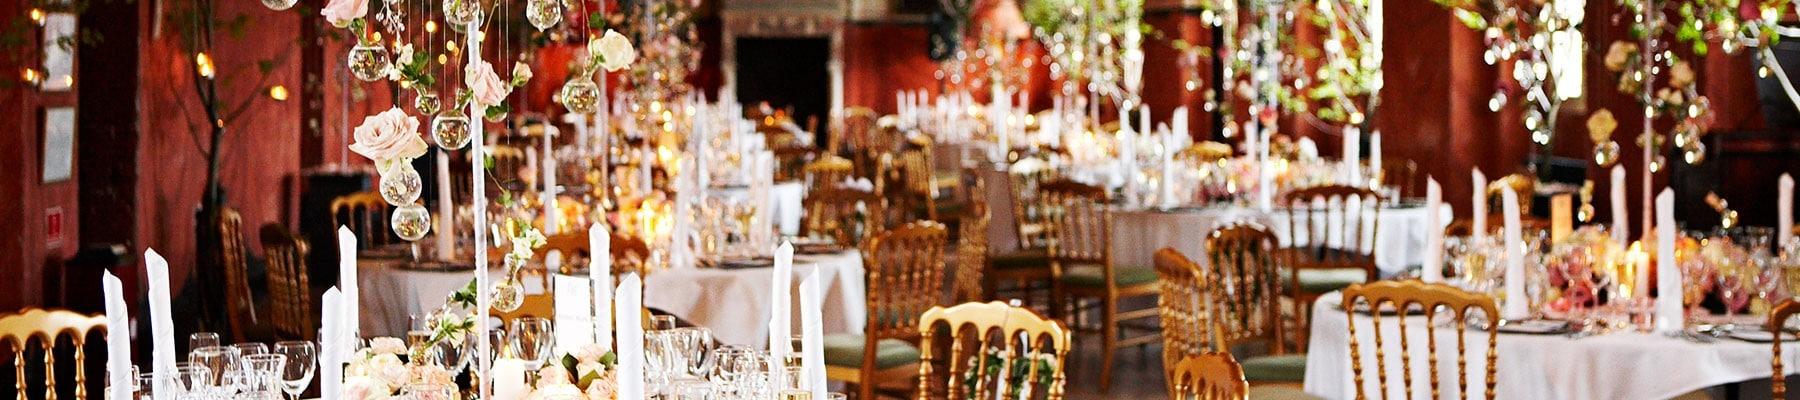 Bryllip på fyn - bordpyntningen i kirken ved Holckenhavn Slot